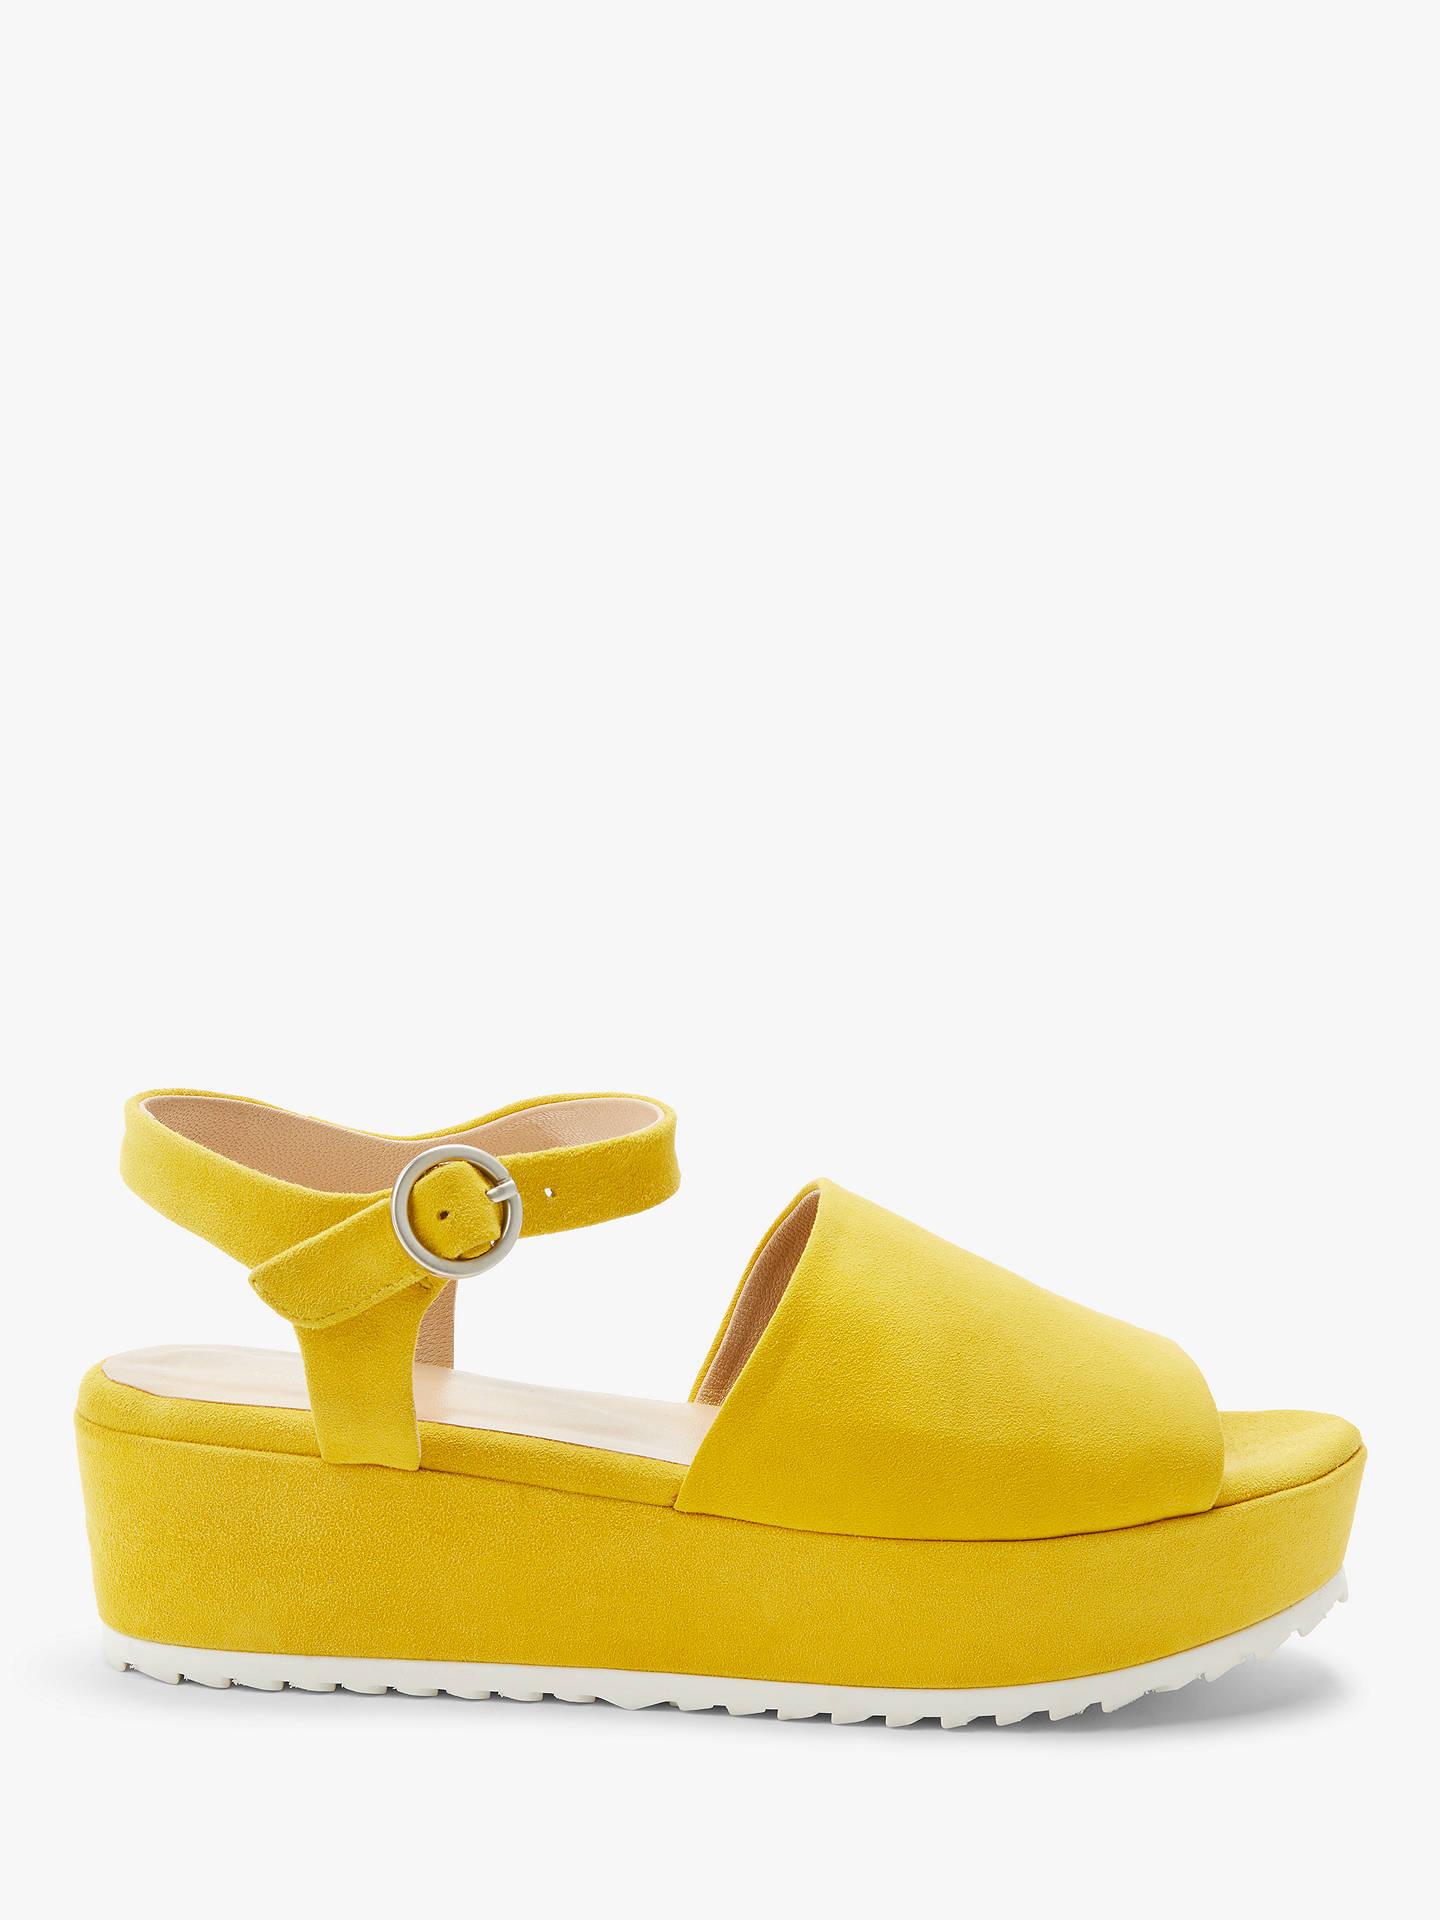 Women's Sandals | Shoes & Boots | John Lewis & Partners